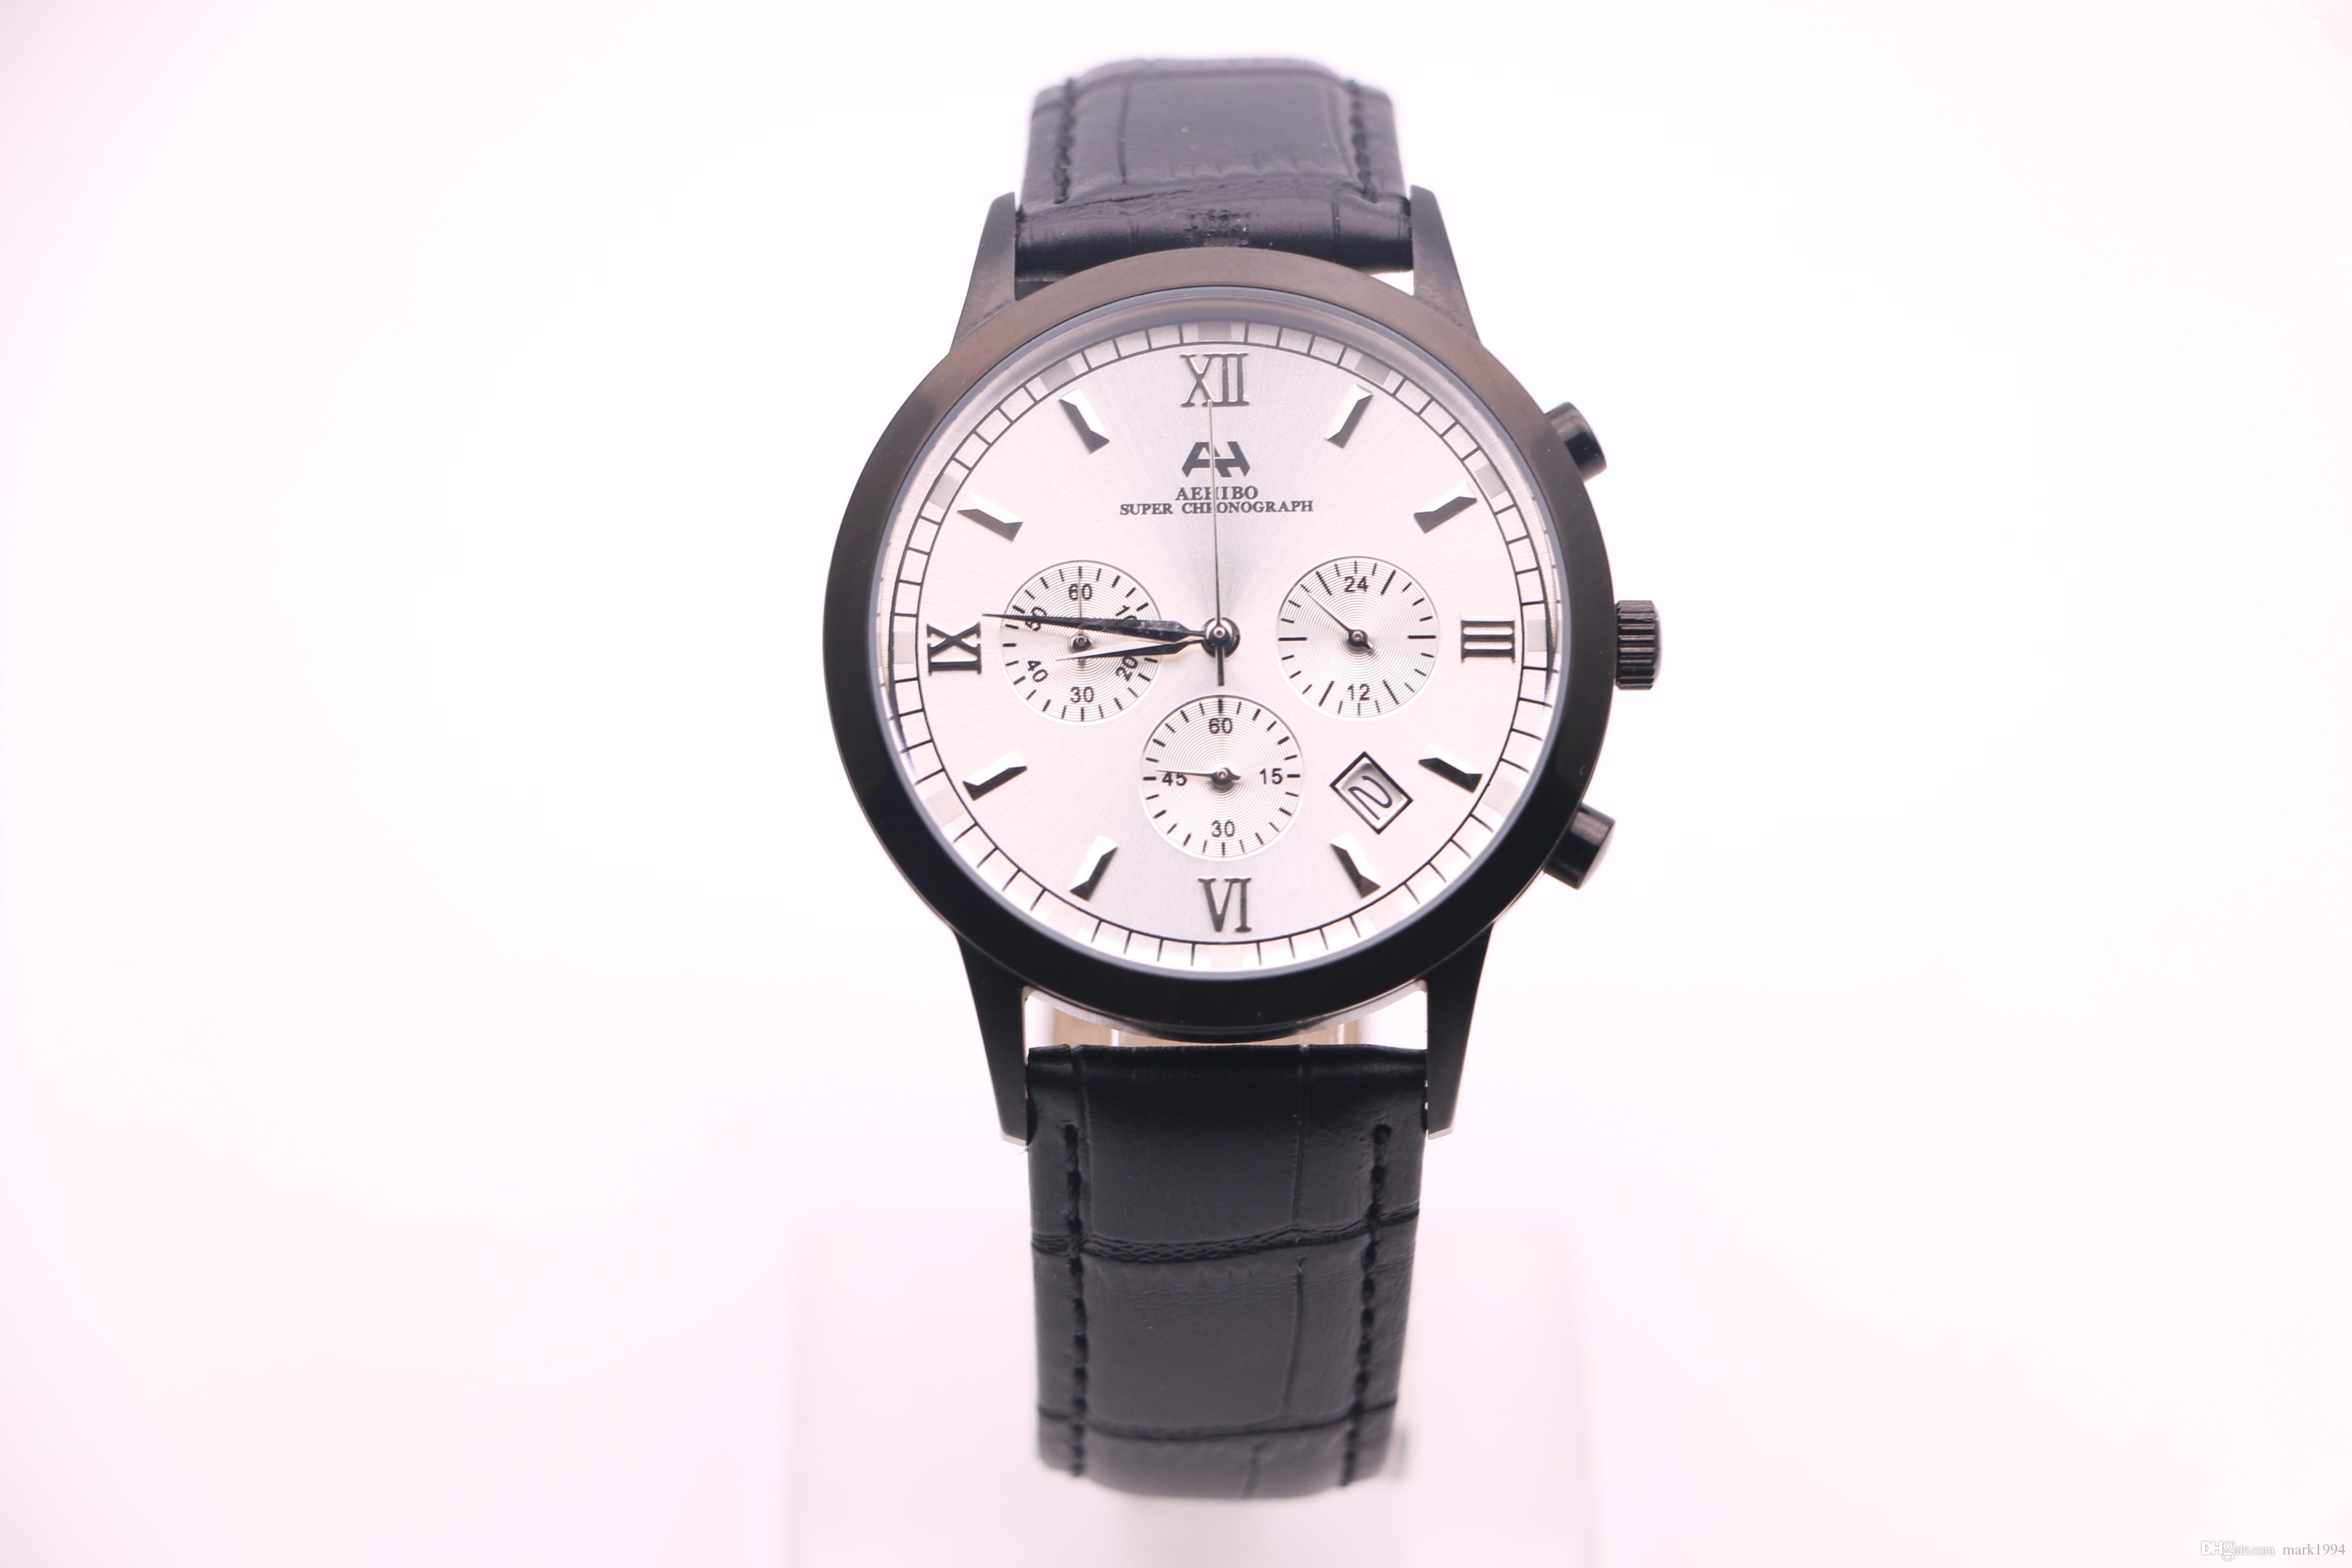 2017 ، ماركة AEHIBO الجديدة ، ساعات رجالية جديدة ، حركة كوارتز VK كرونوغراف تعمل ثواني ، حزام جلد أسود ، قرص أبيض ، علبة ساعة